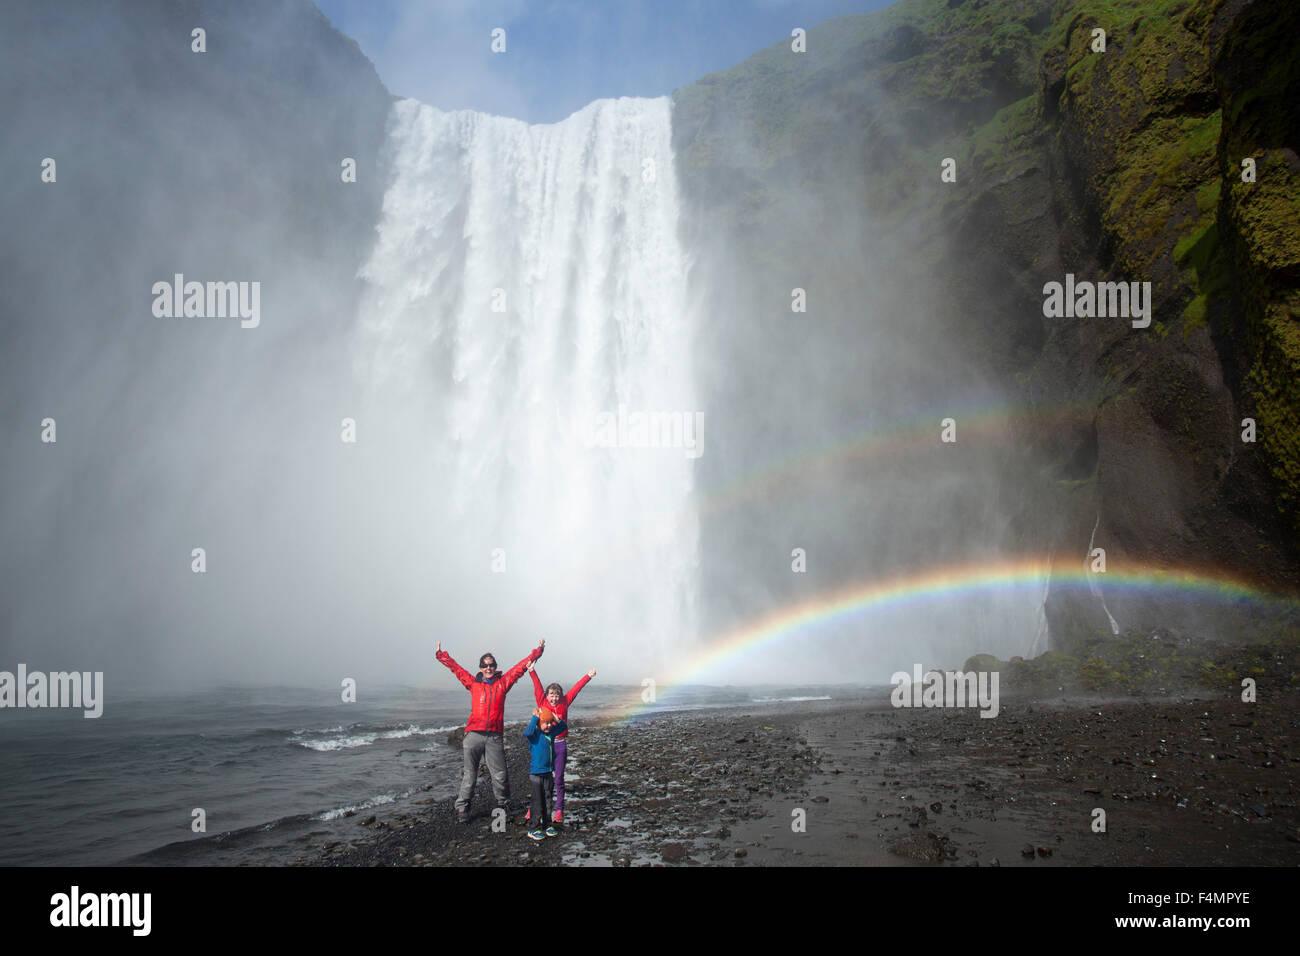 Dans la famille l'arc-en-ciel sous 60m de haut, la cascade Skogafoss, Skogar, Sudhurland, Islande. Photo Stock